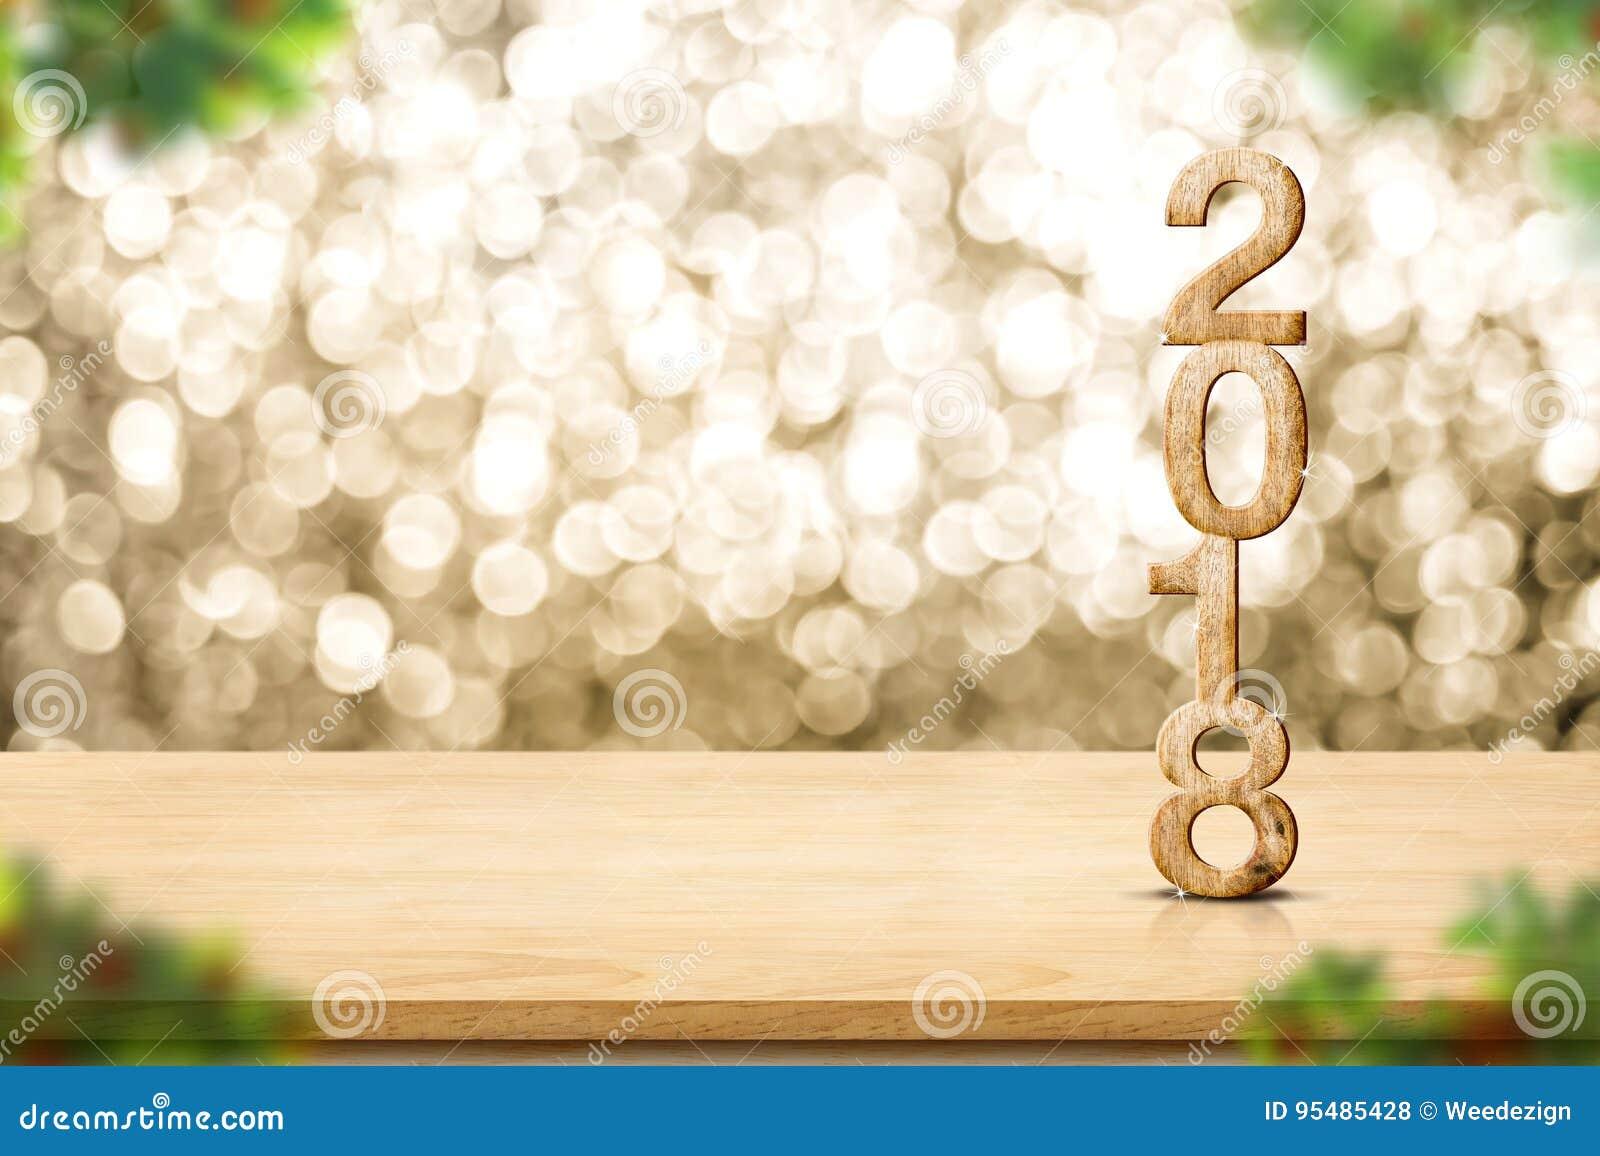 Καλή χρονιά 2018 στο ξύλινο χριστουγεννιάτικο δέντρο πινάκων και θαμπάδων foregr